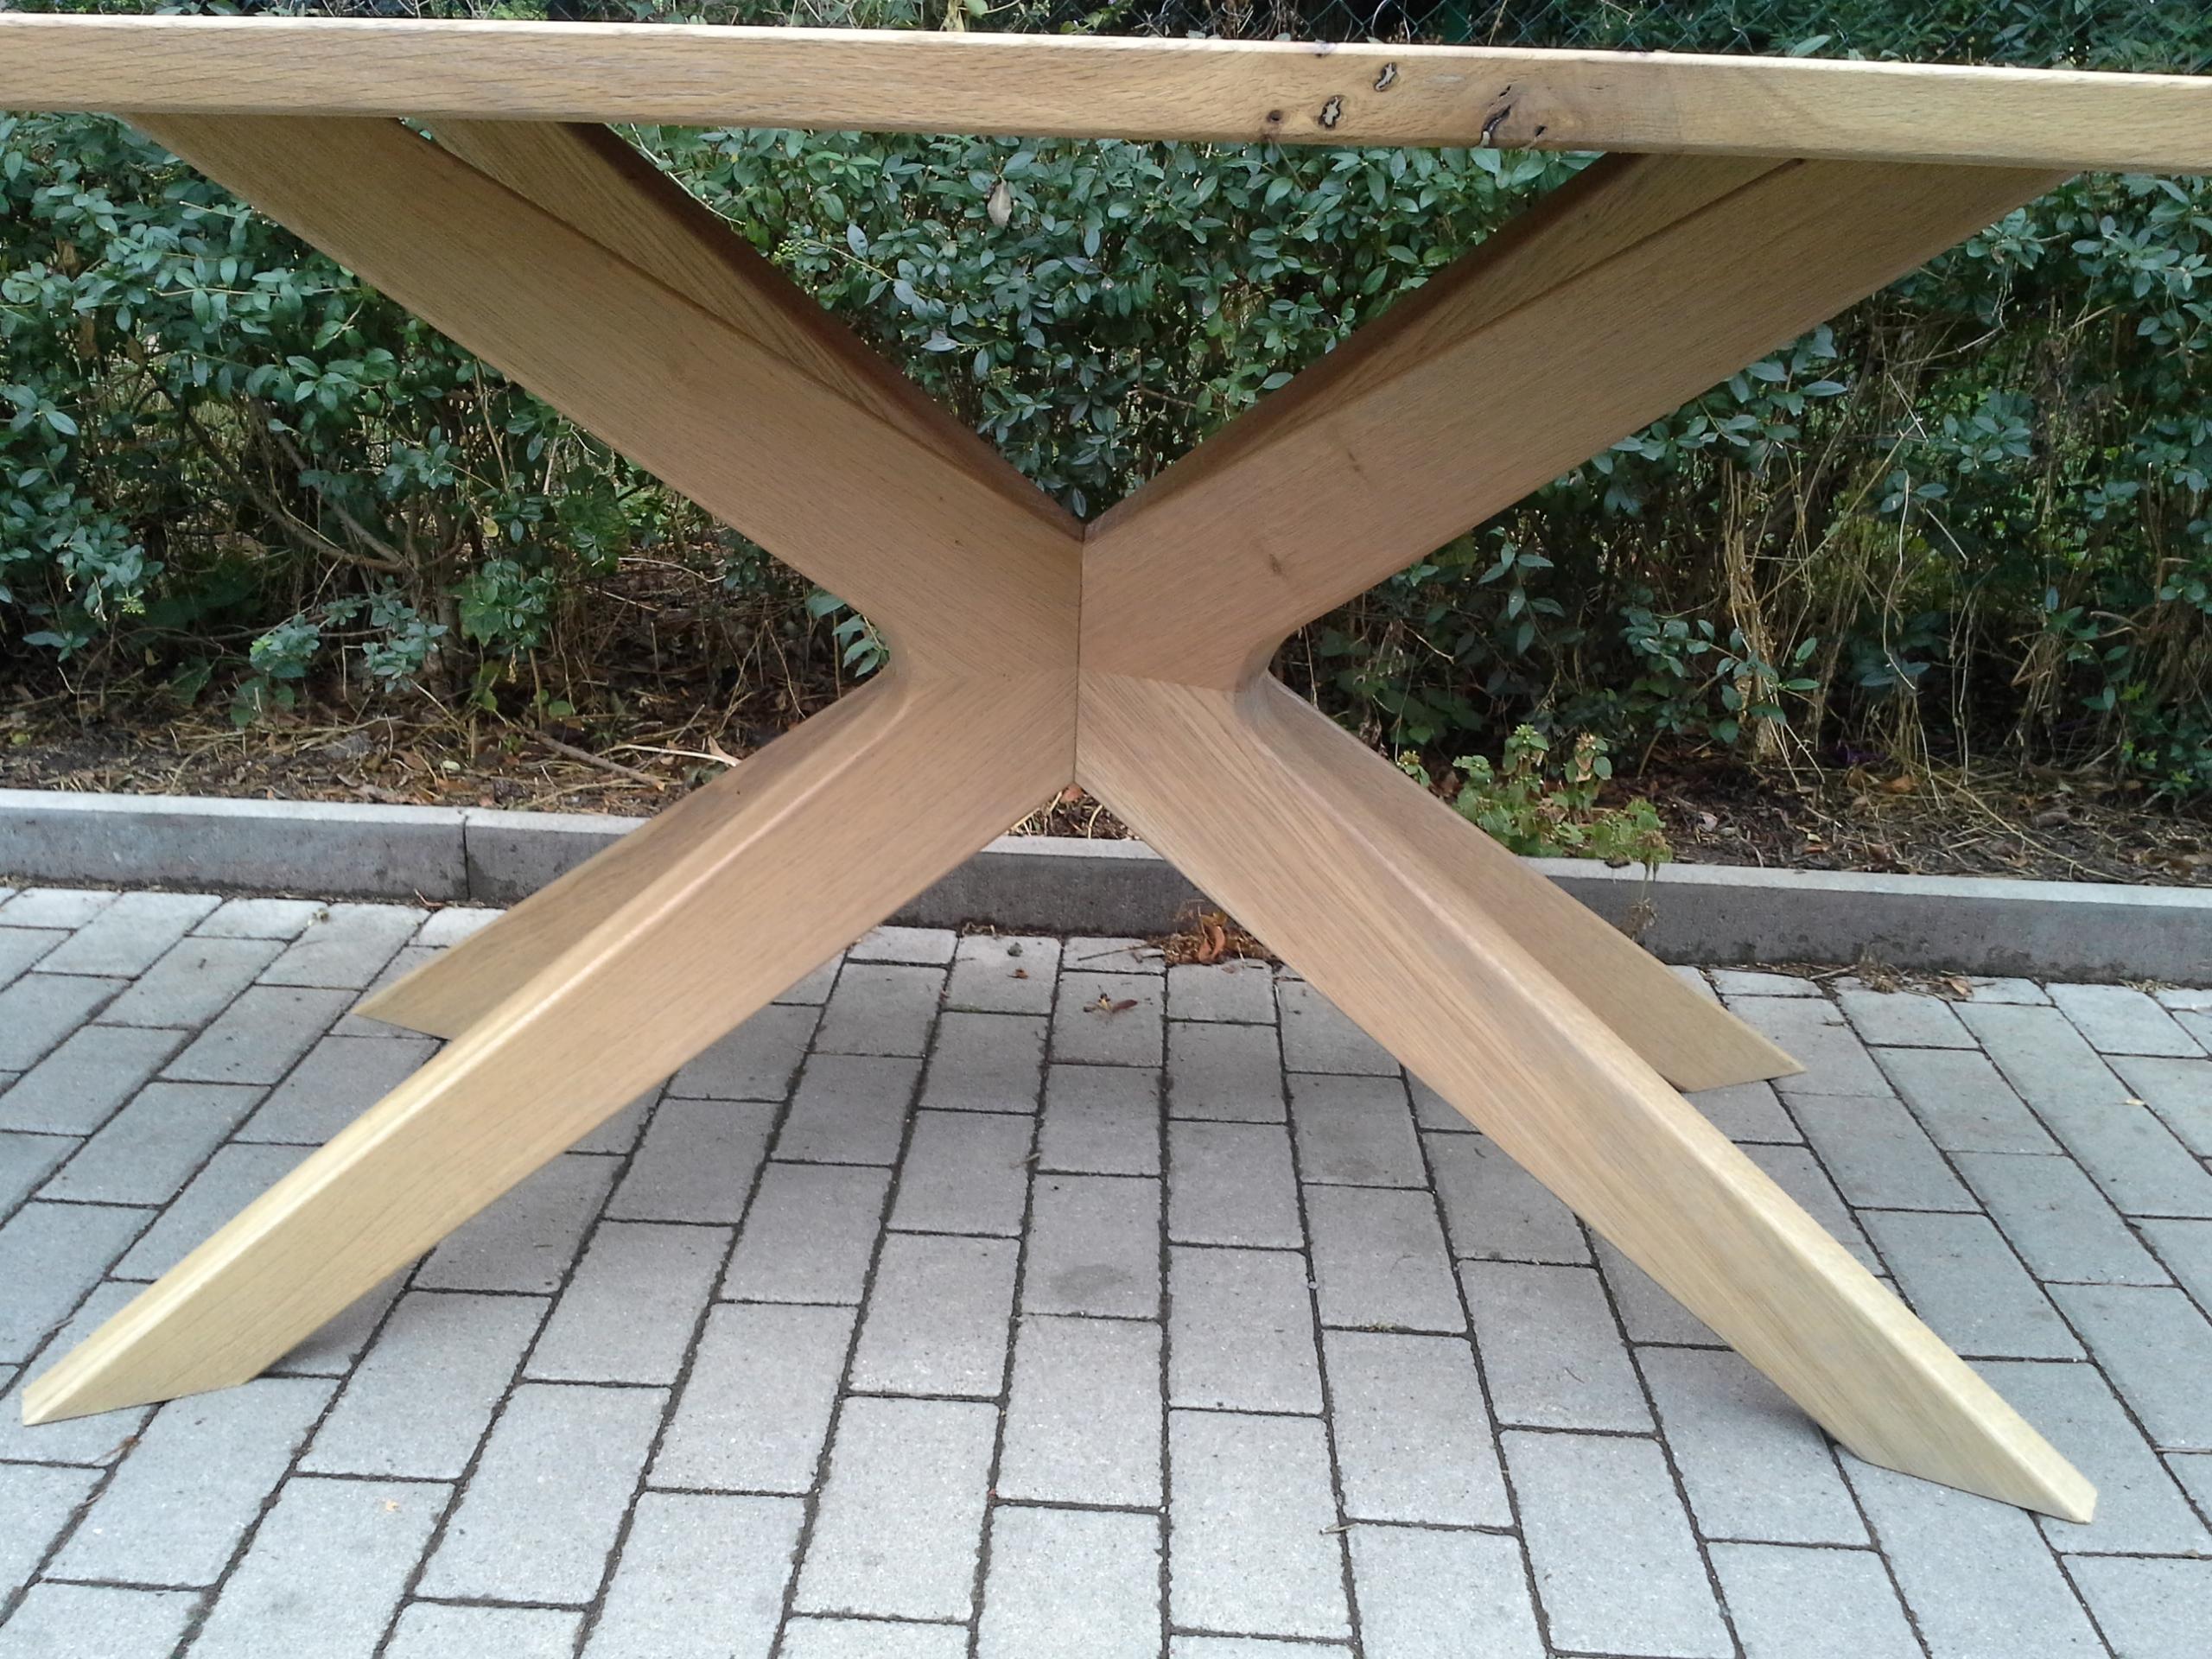 Stůl ježek křížení nohou